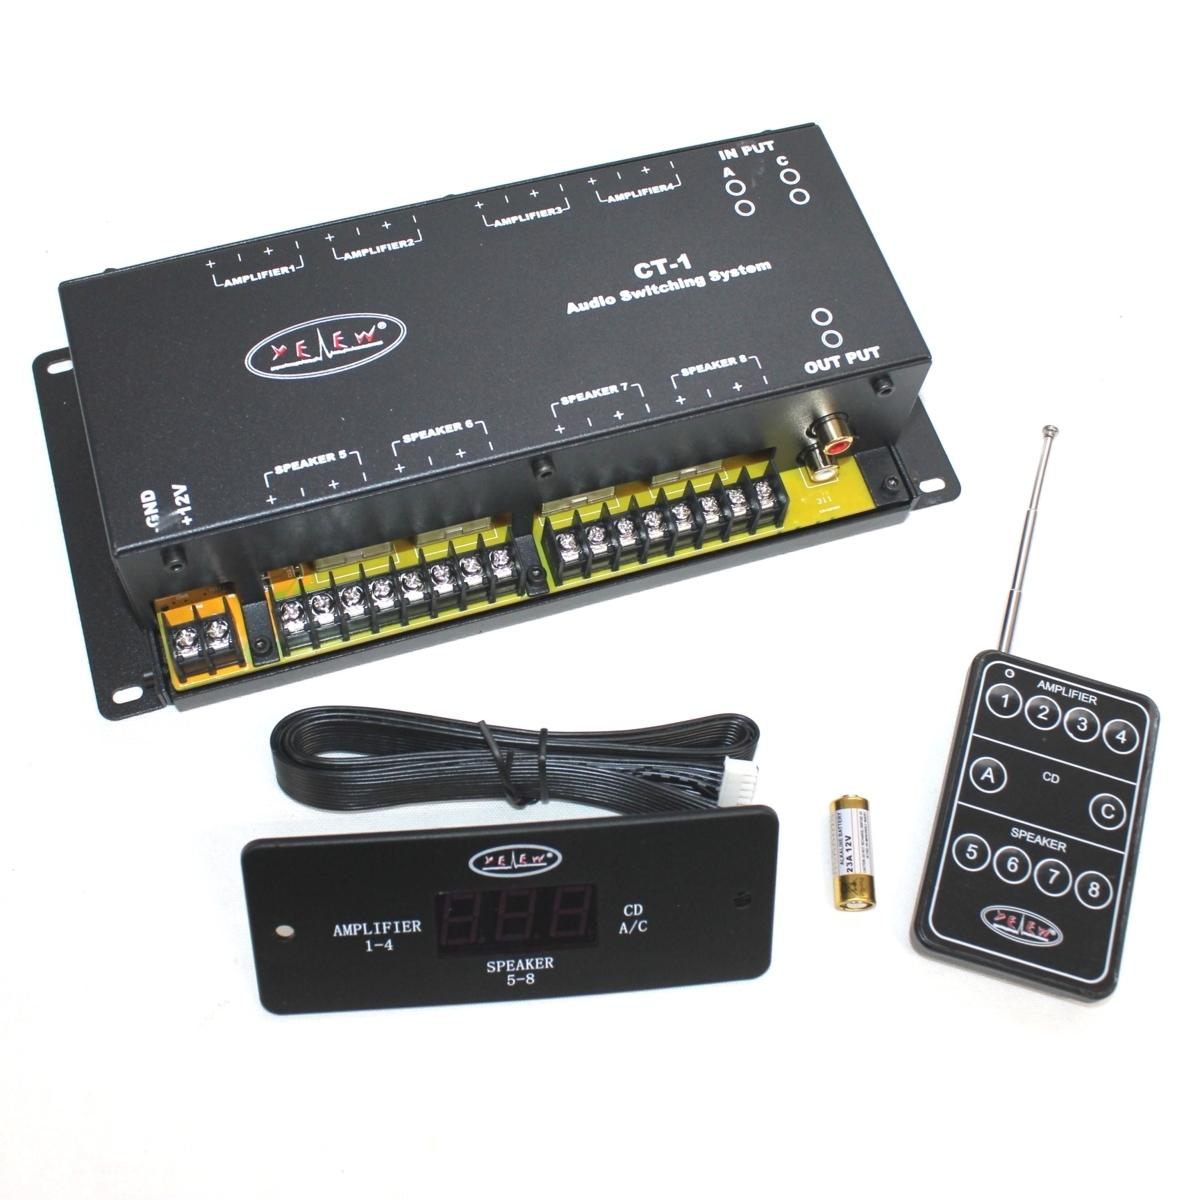 ★送料込★新品★4スピーカー/4アンプ 切り替えスイッチングユニット オーディオスイッチングシステム CT-1